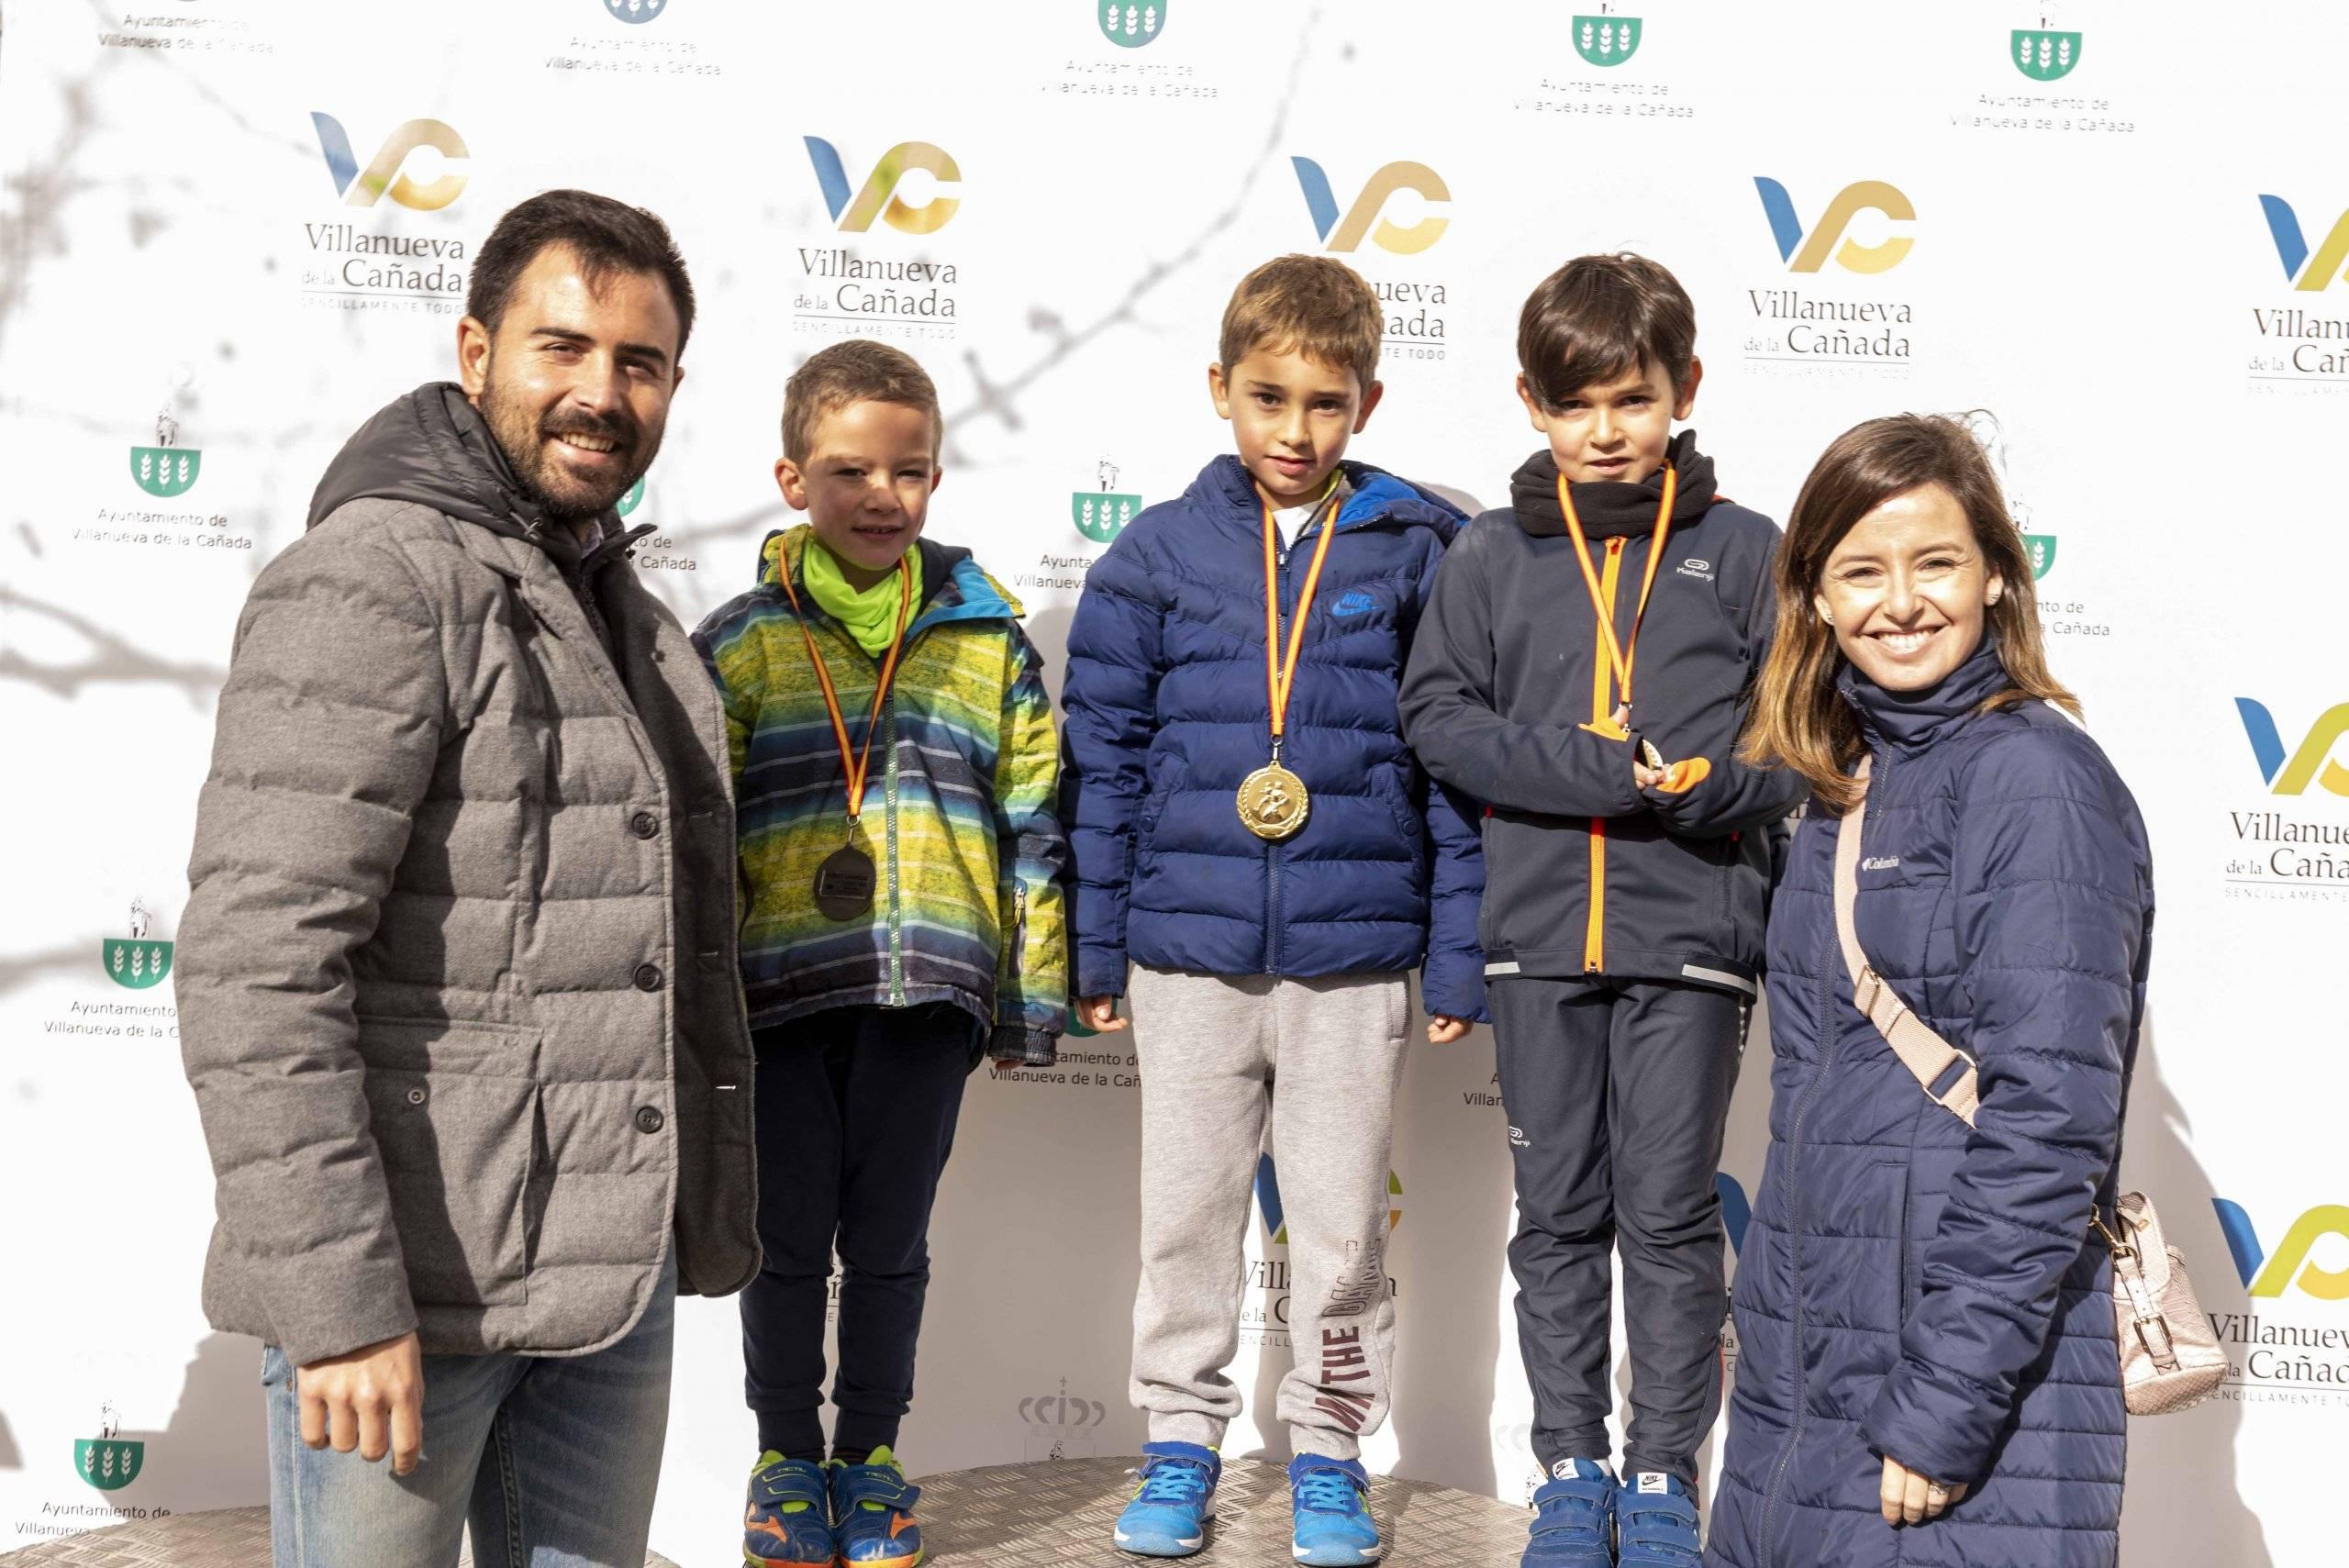 Imagen de los premiados en la VII Carrera de Navidad Solidaria acompañados por autoridades locales.